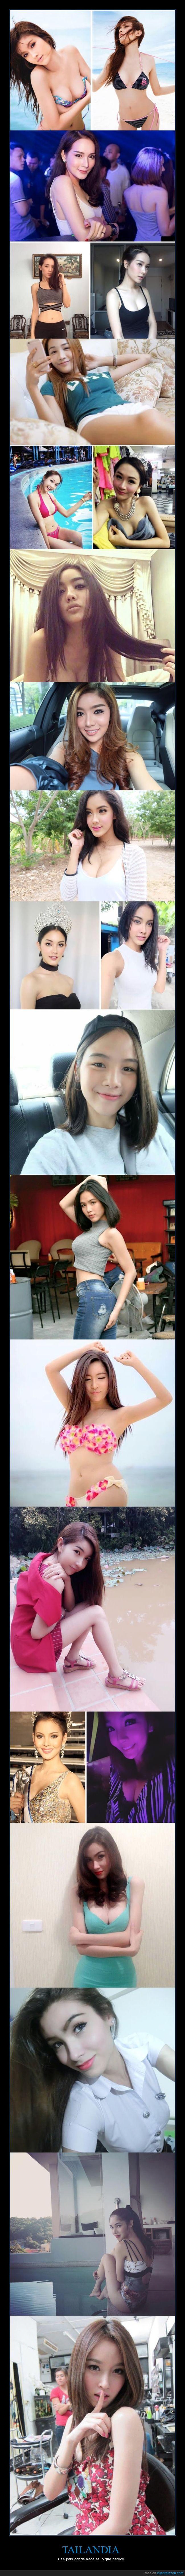 mujeres,tailandia,transgénero